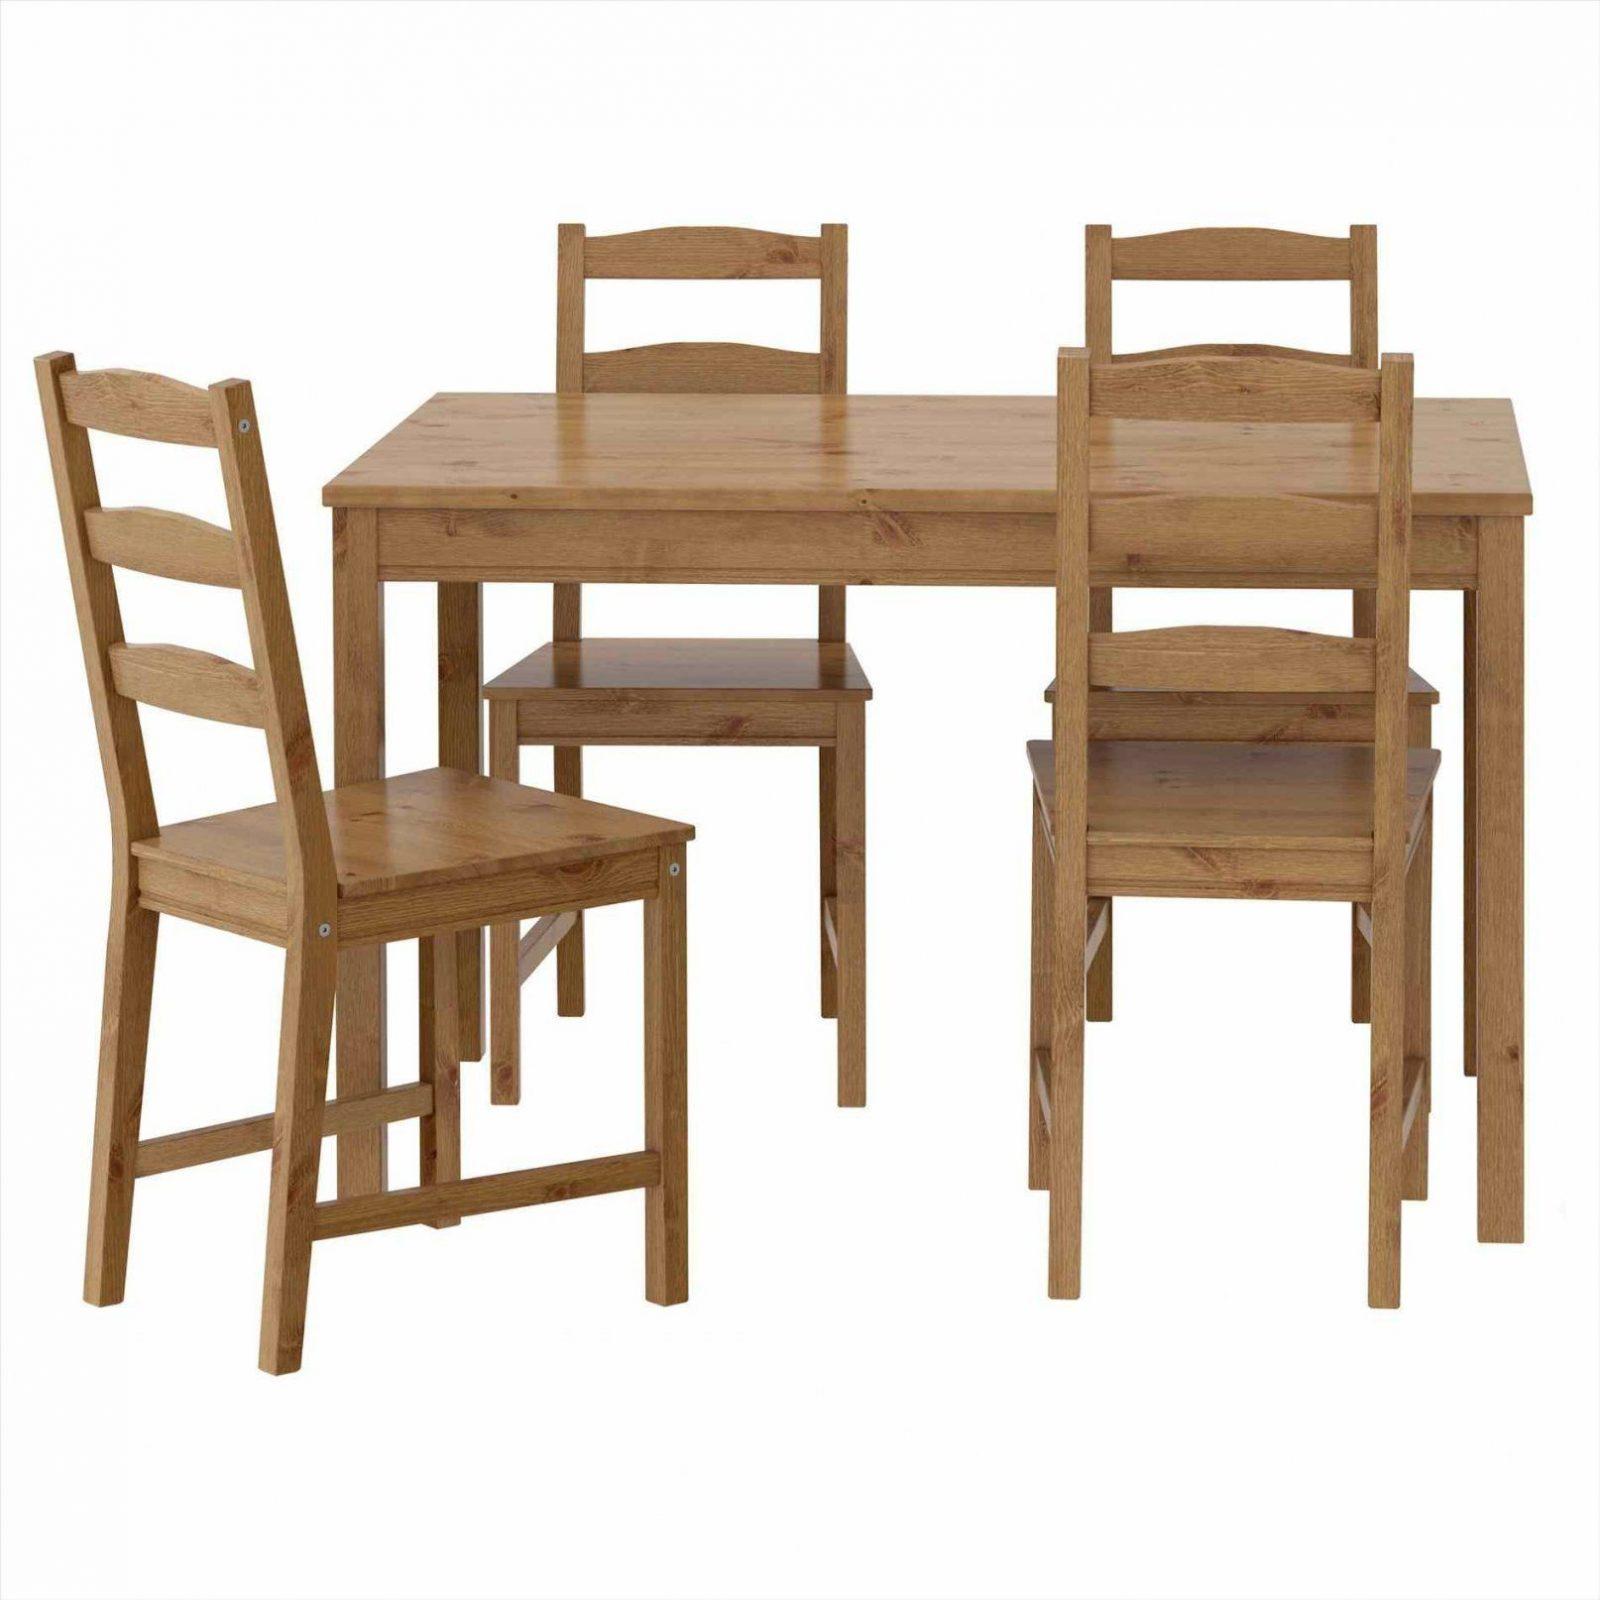 Runde Küche Tisch Und Stühle Esstisch Set Quadratischer Esstisch von Tisch Und Stühle Für Küche Bild